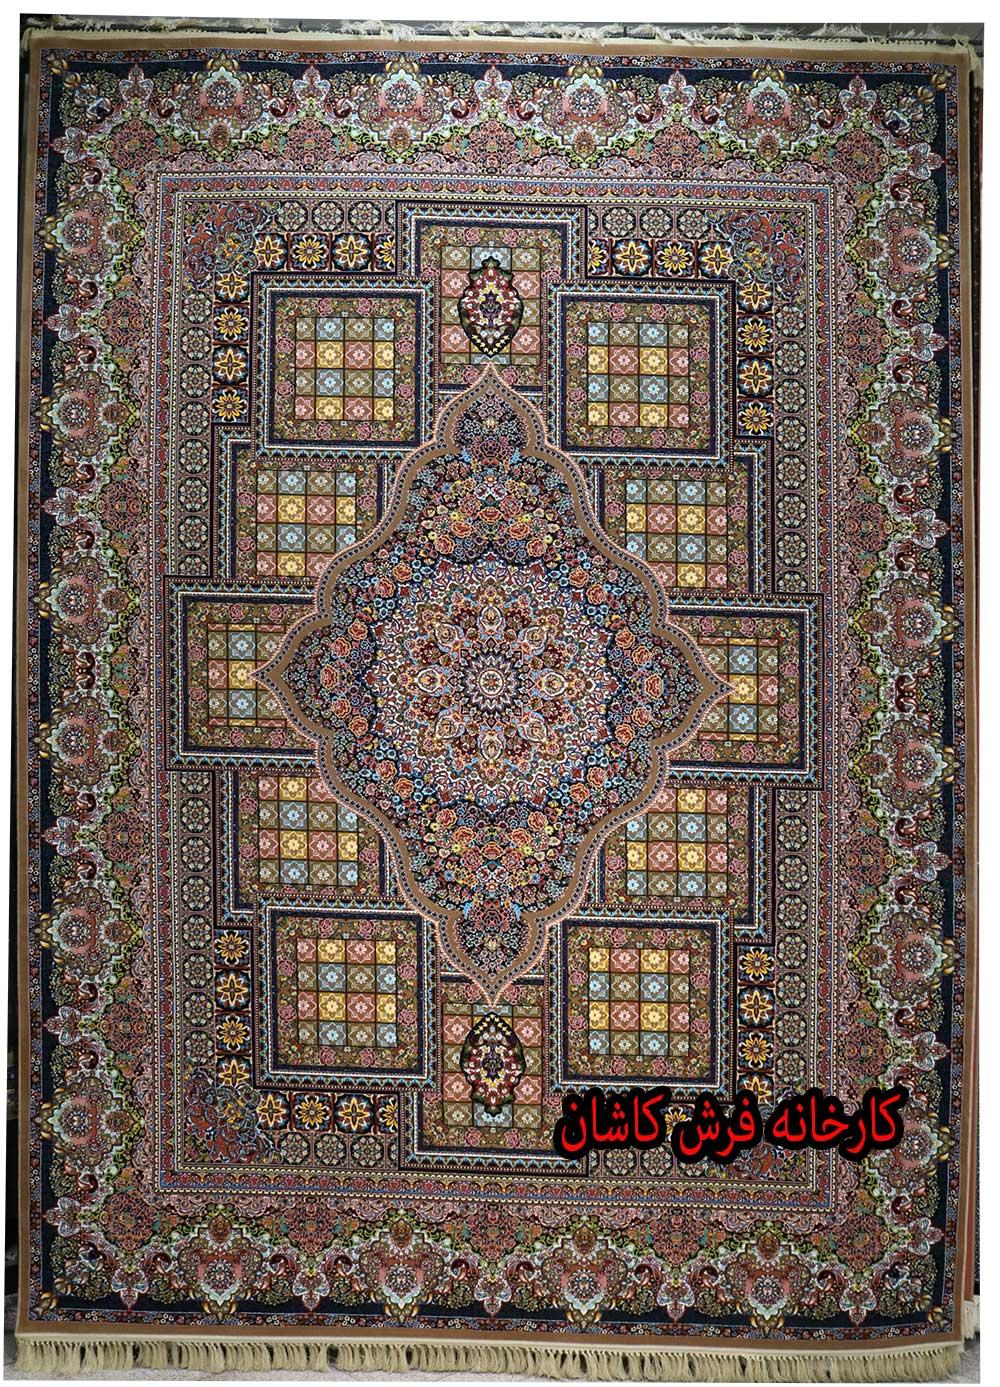 فرش کاشان – ۷۰۰ شانه نقشه درخشان نسکافه ای